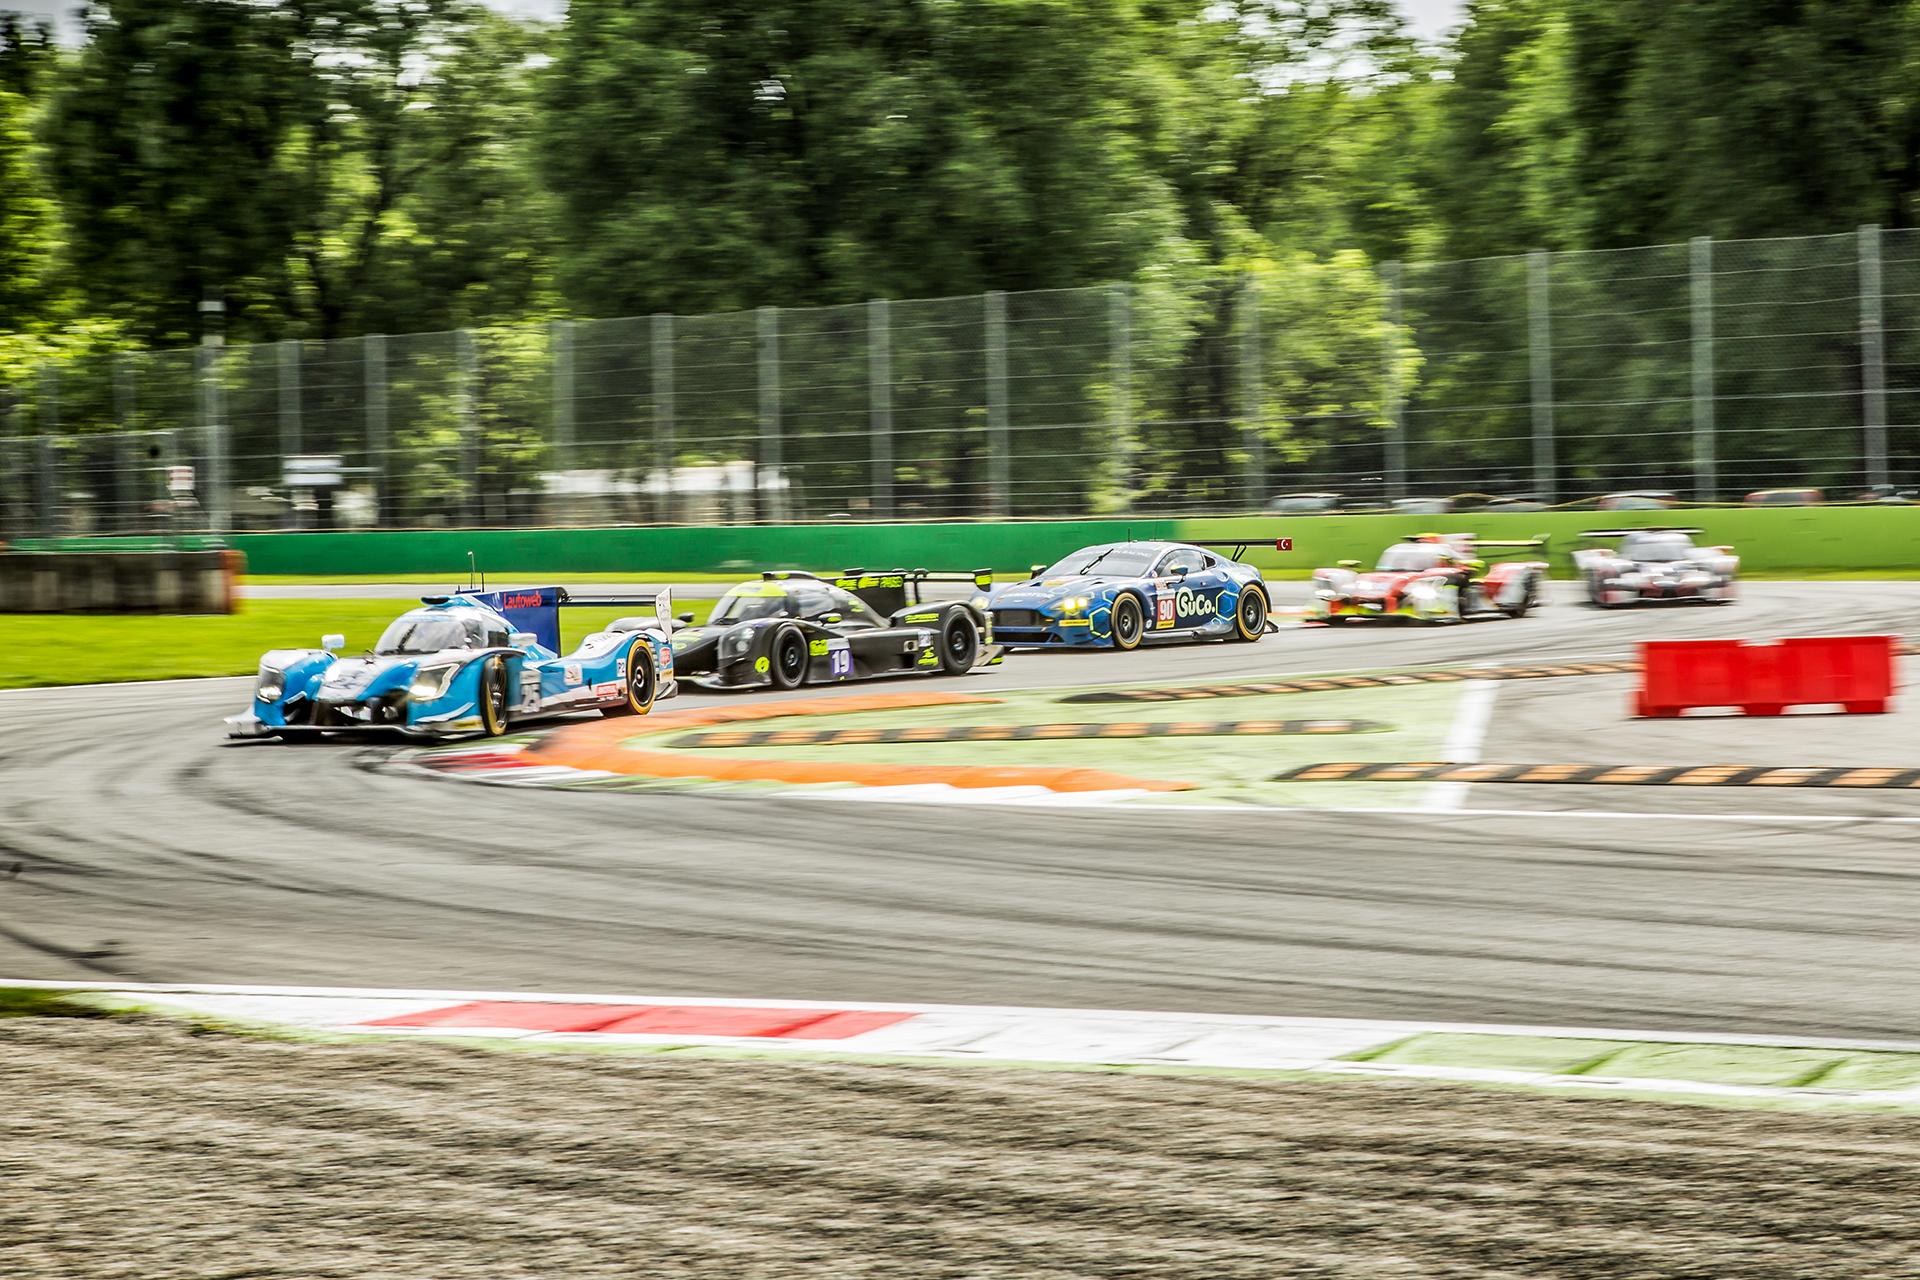 2017-ELMS-4Hrs-Monza-56950.jpg